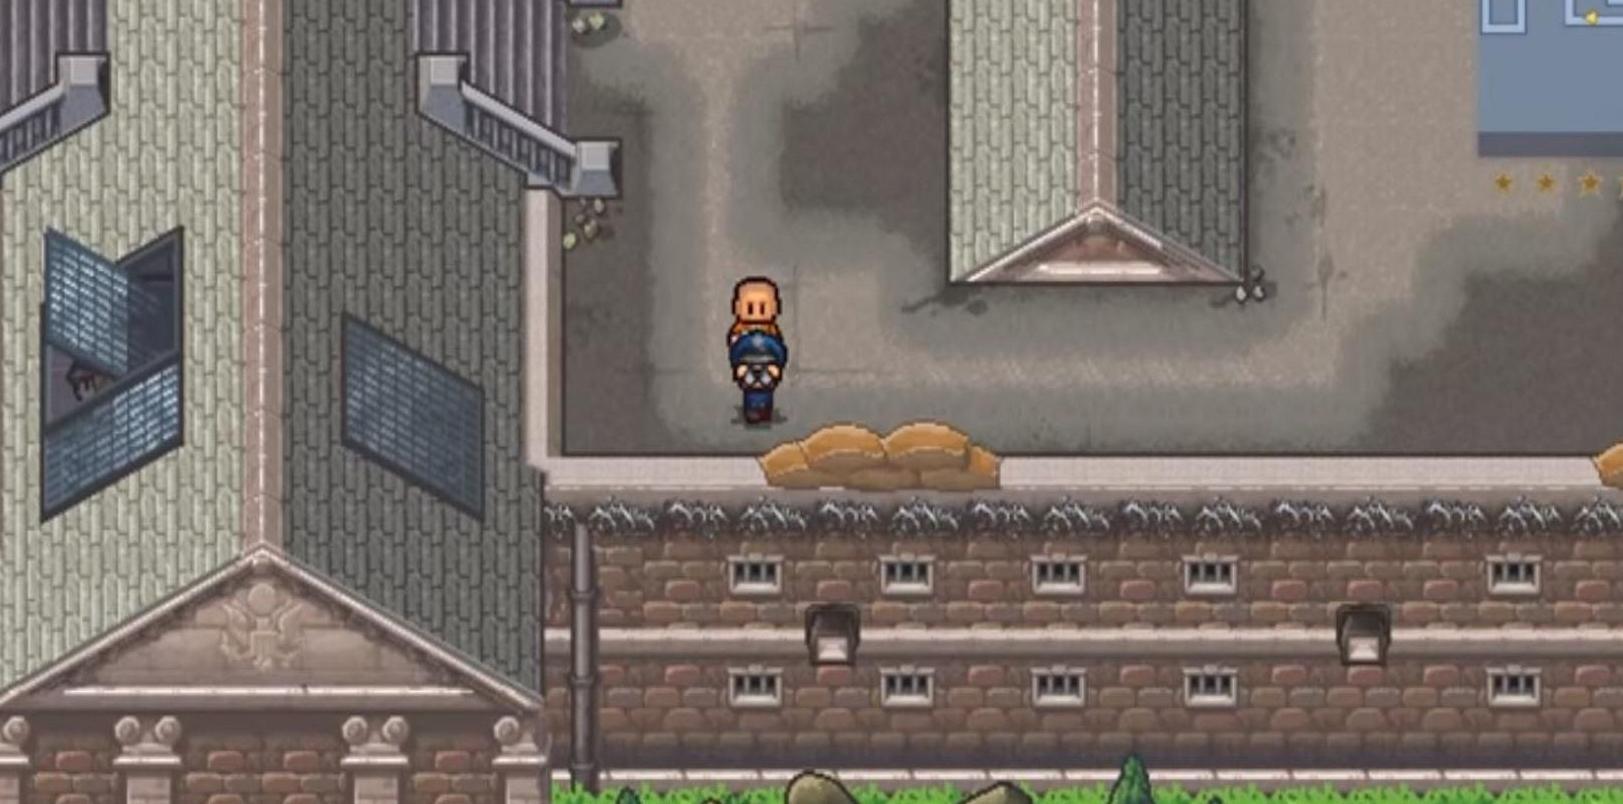 The Escapists 2 - Prison Survival Guide